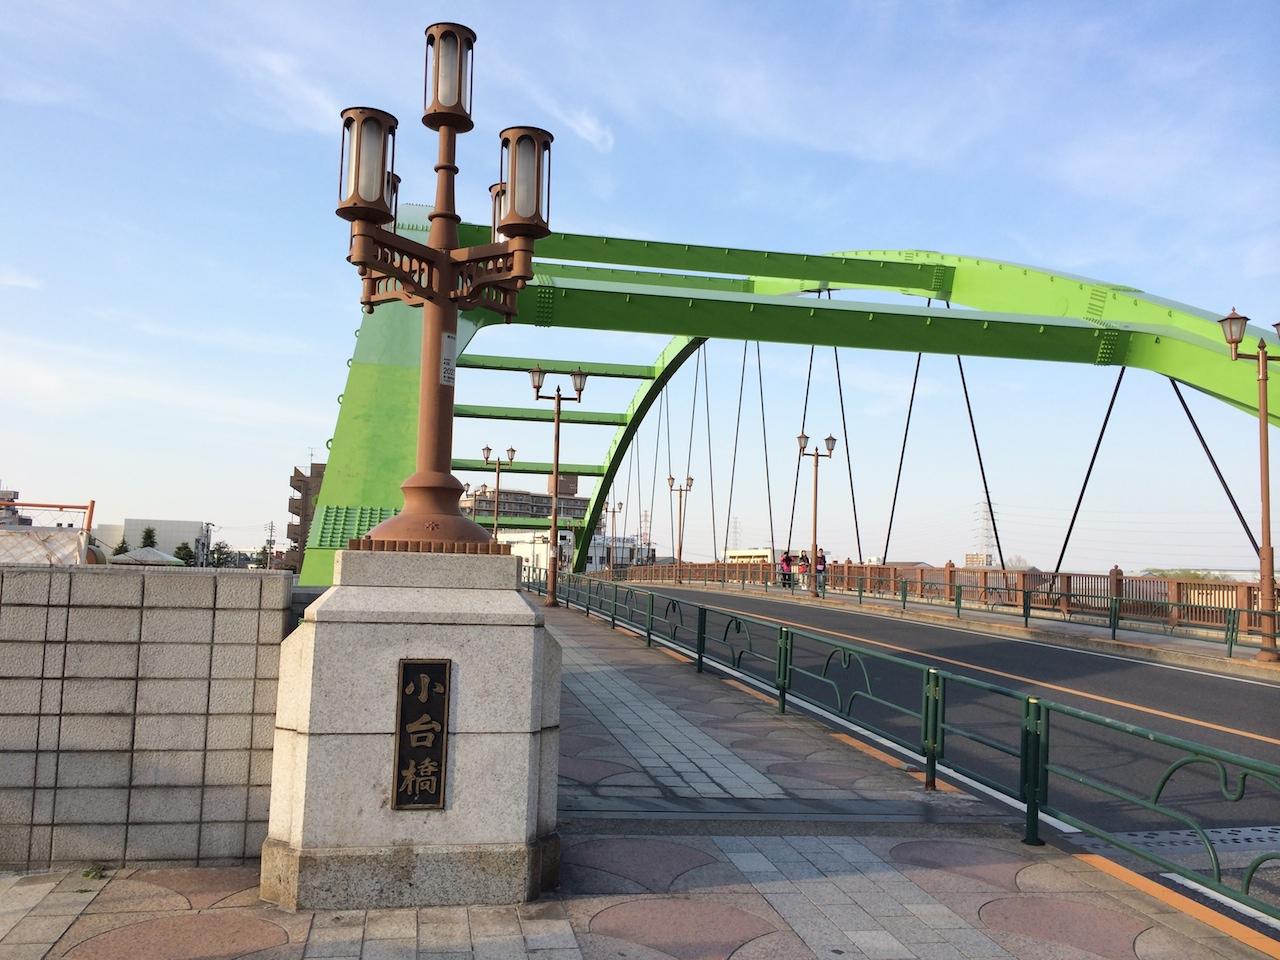 尾久を満喫!ファミリーサイクルロード:④小台橋、レンガ塀を経て都電ミニ資料館へ